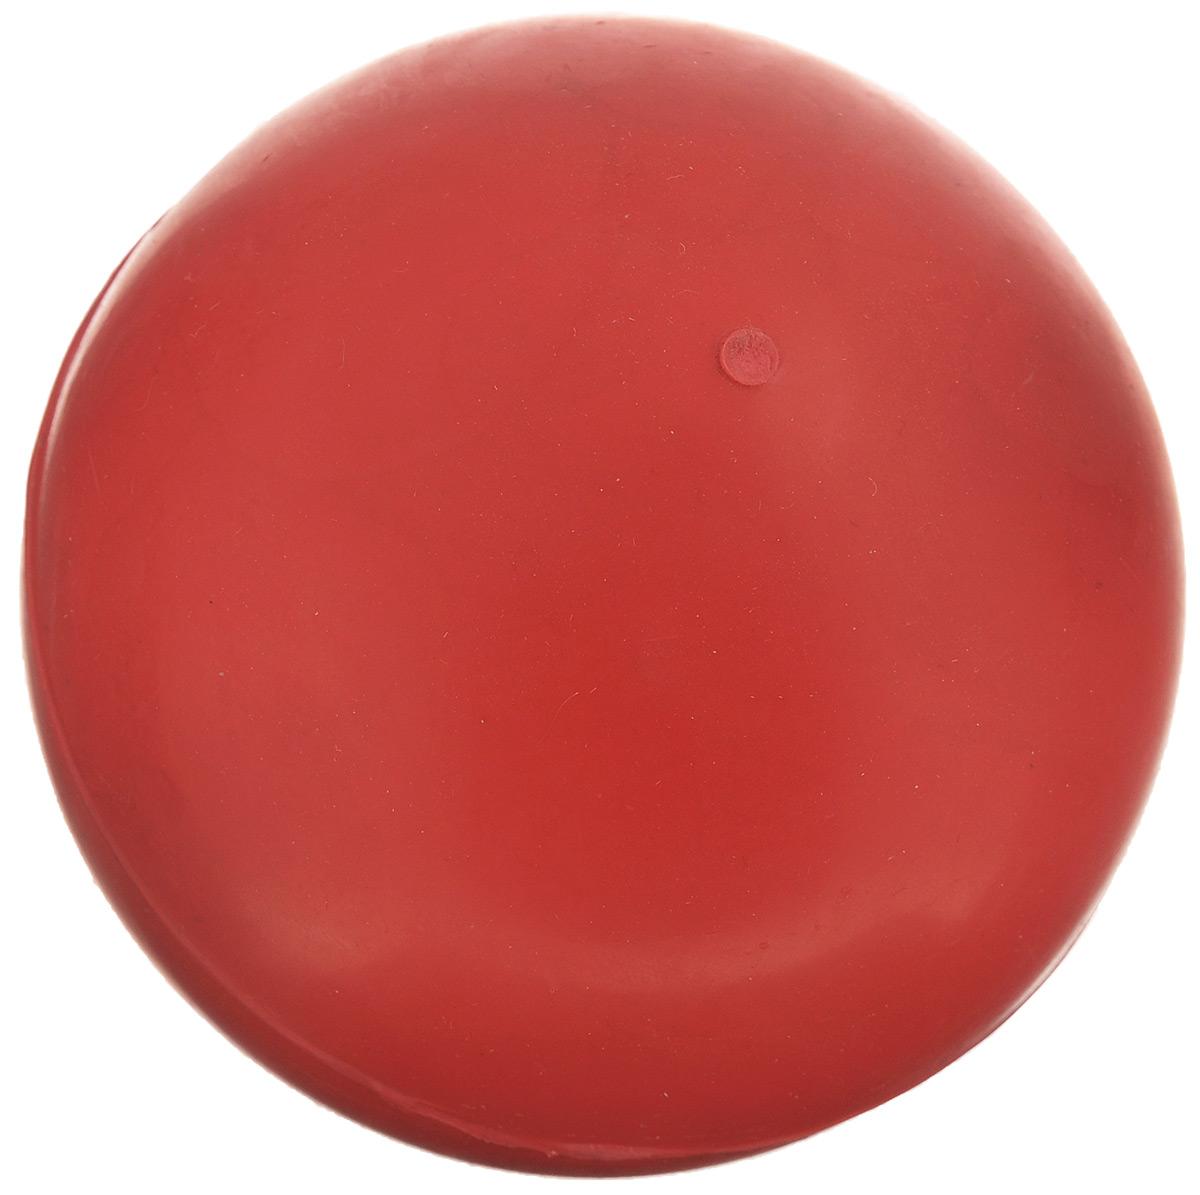 Игрушка для собак Beeztees Мяч, цвет: красный, диаметр 7,5 см285154Игрушка для собак Beeztees Мяч изготовлена из прочной цветной резины. Предназначена для игр с собакой любого возраста. Такая игрушка привлечет внимание вашего любимца и не оставит его равнодушным. Диаметр: 7,5 см.